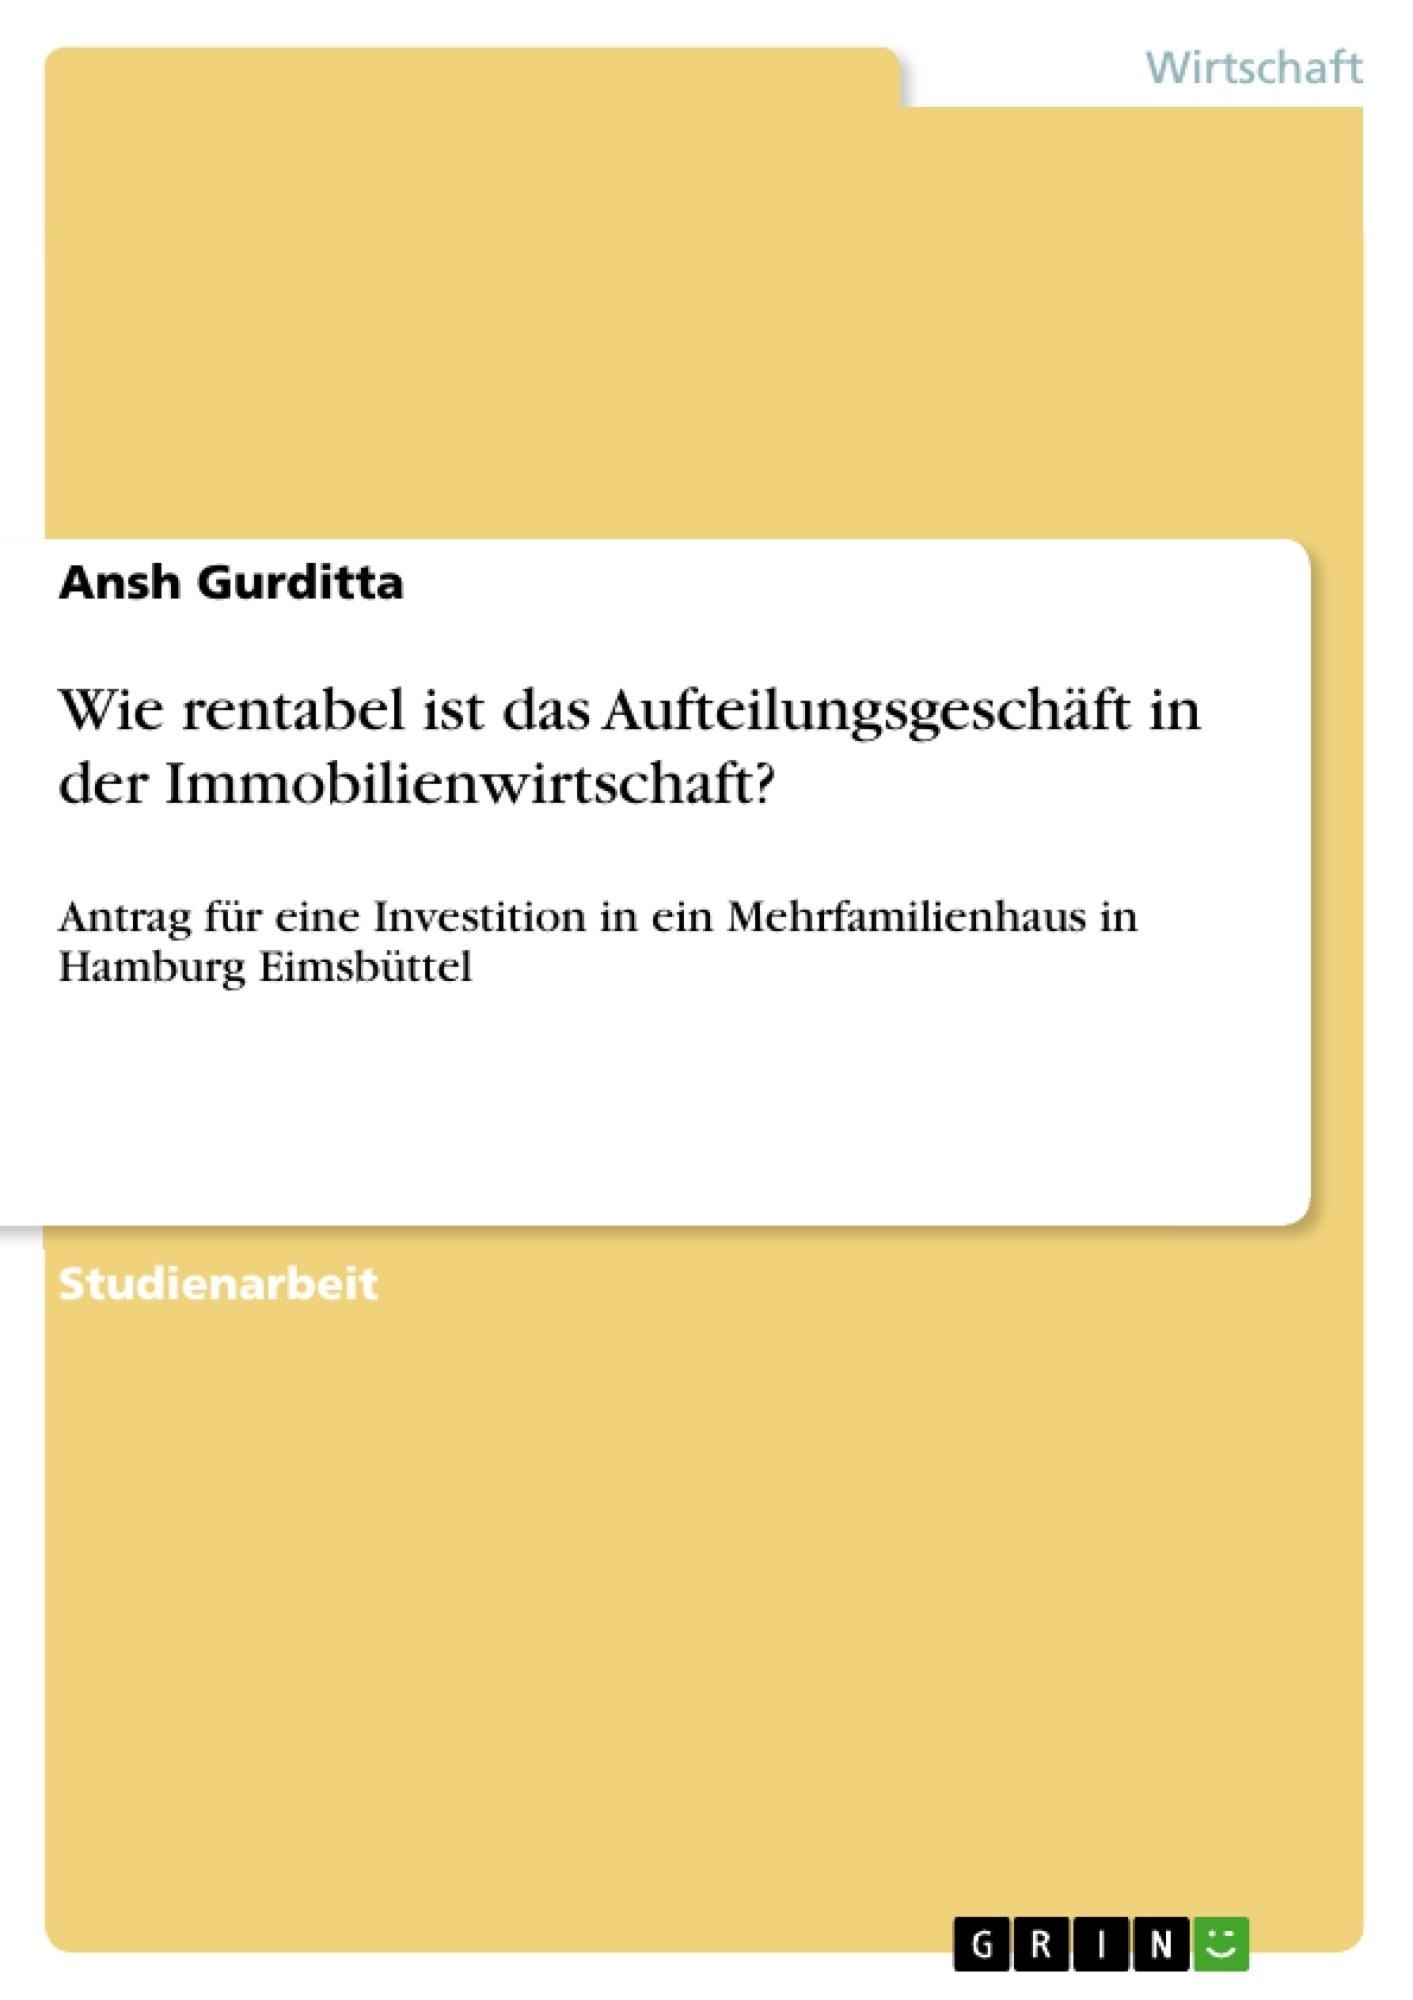 Hausarbeit immobilienwirtschaft akadem traduction